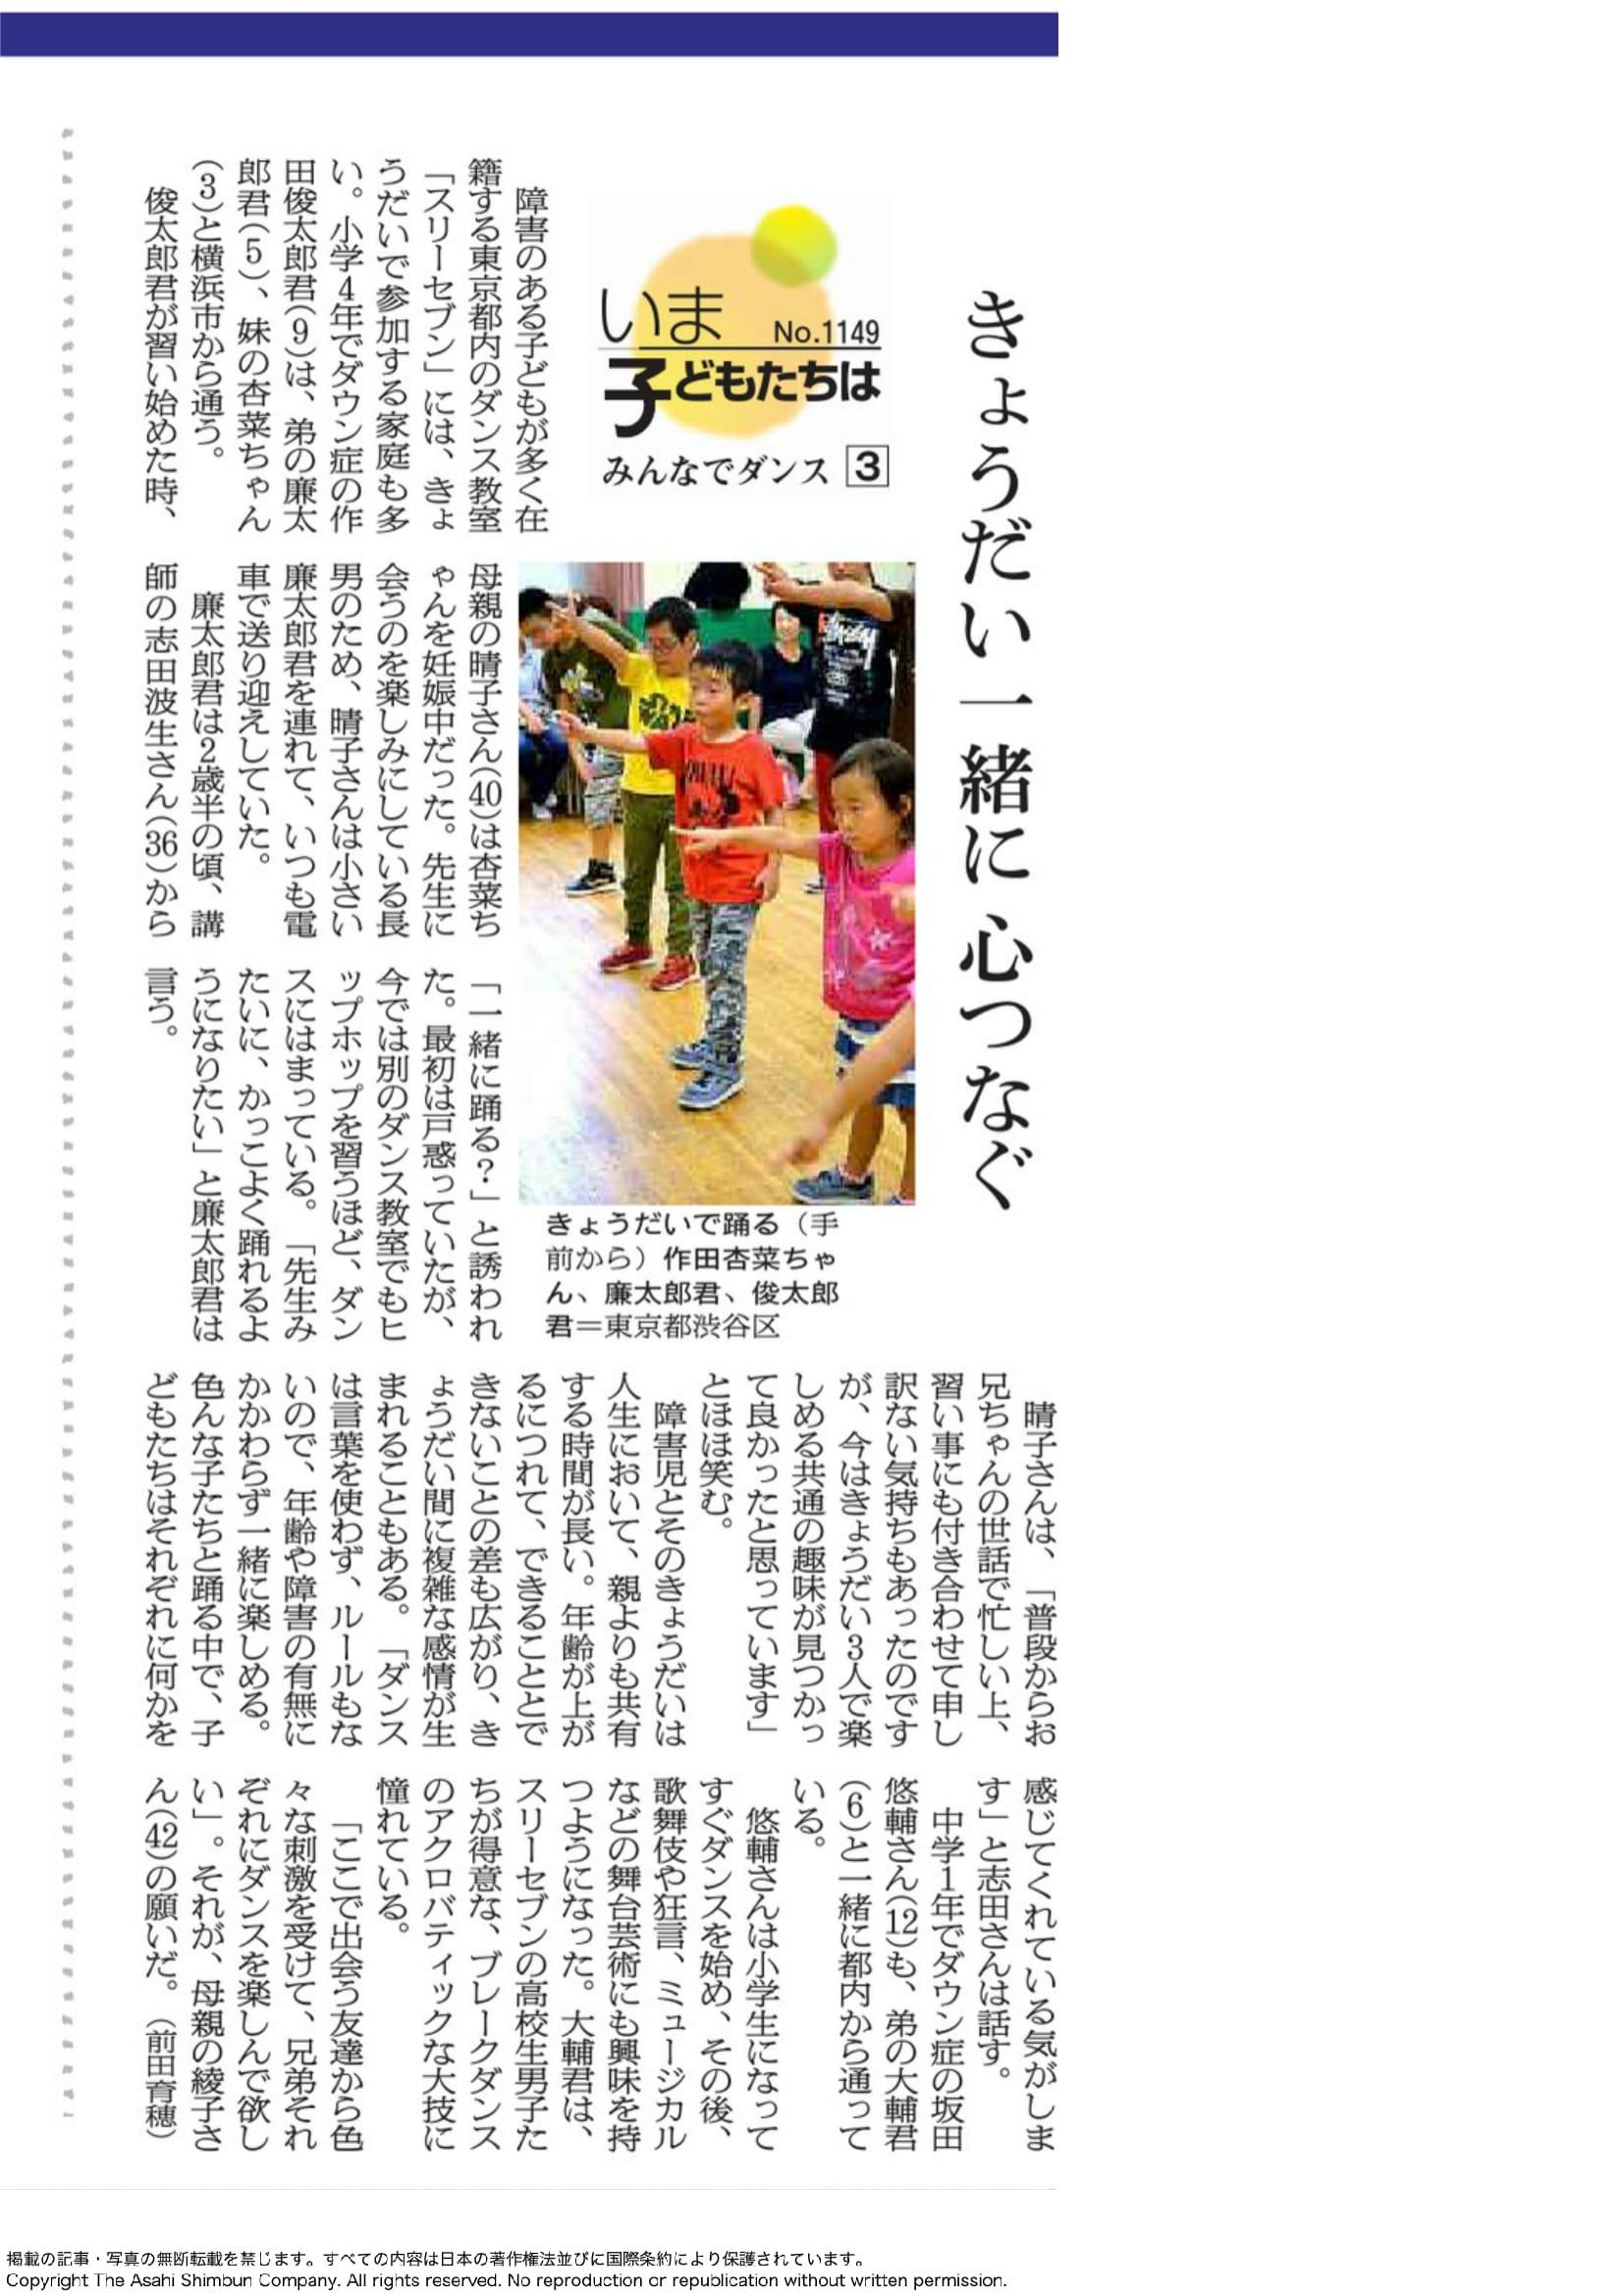 朝日新聞9月3日